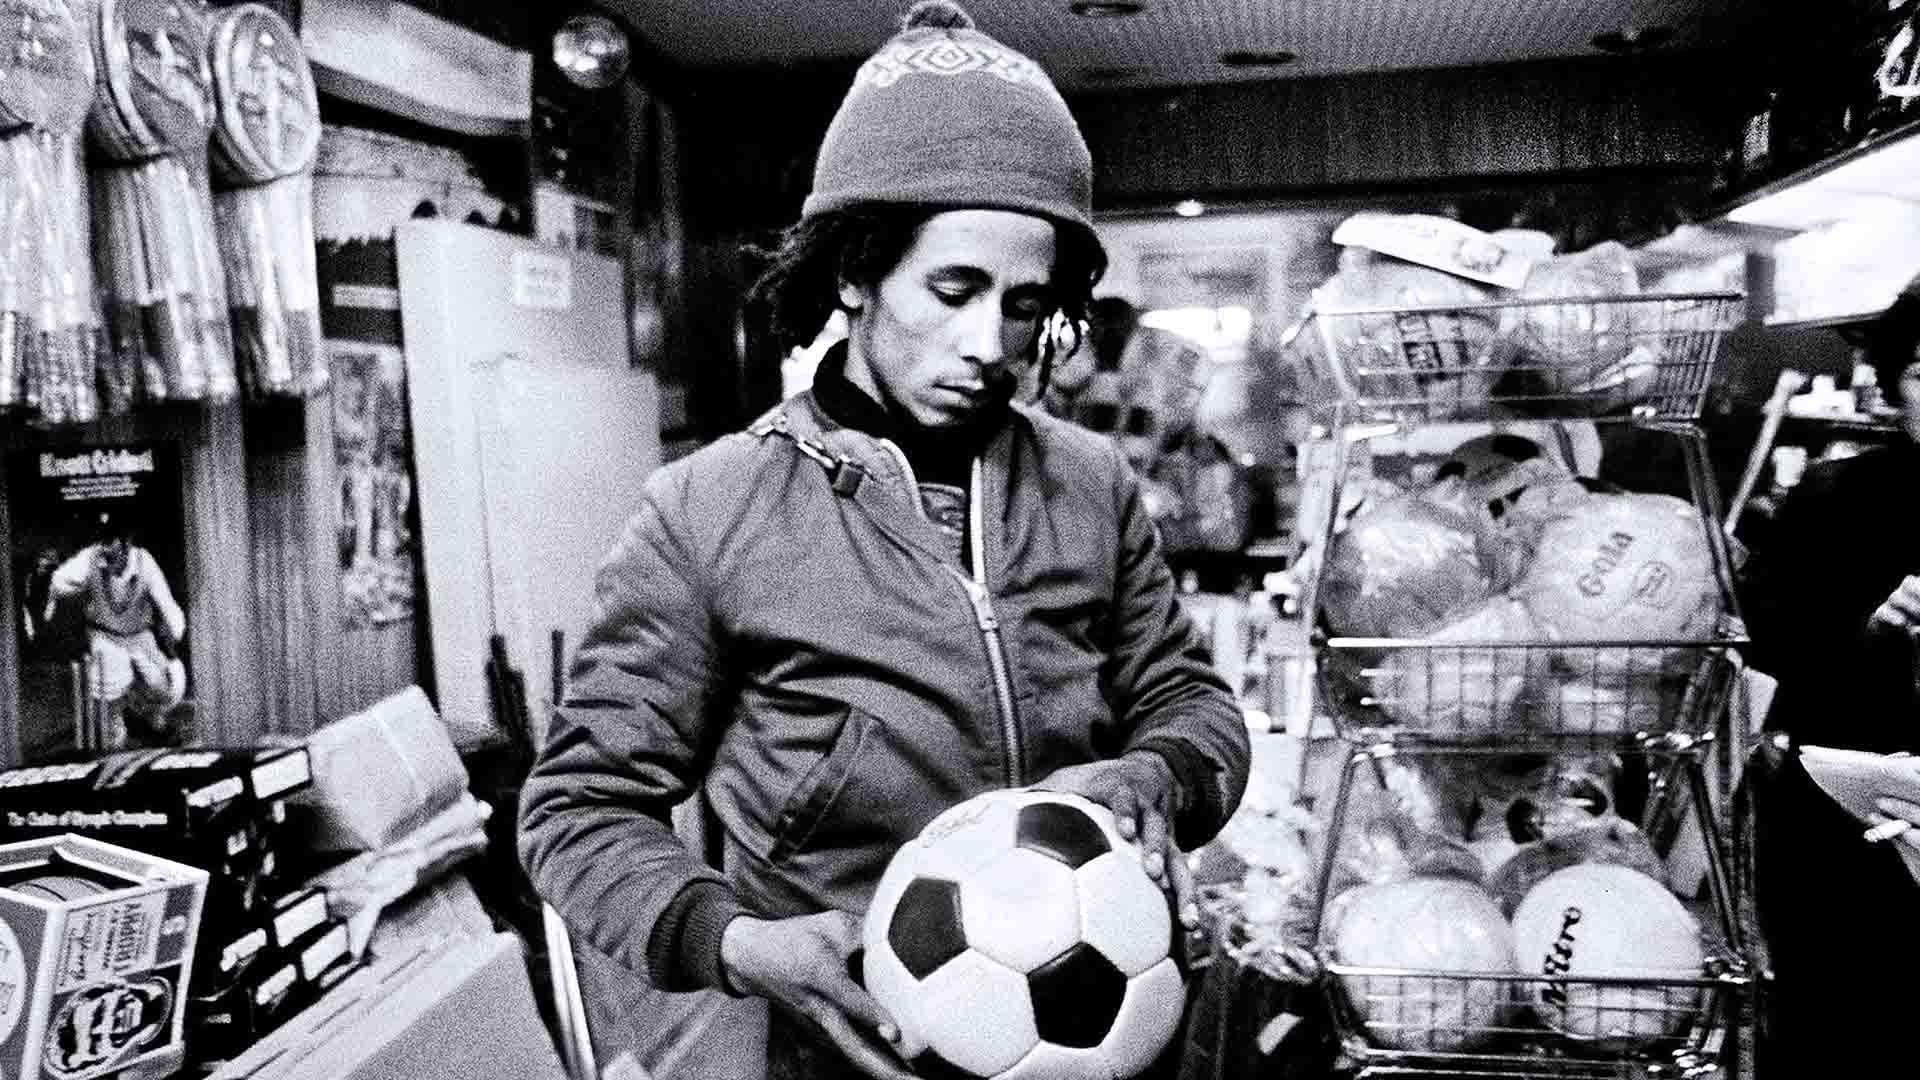 Quando Bob Marley stracciò i suprematisti bianchi a calcio